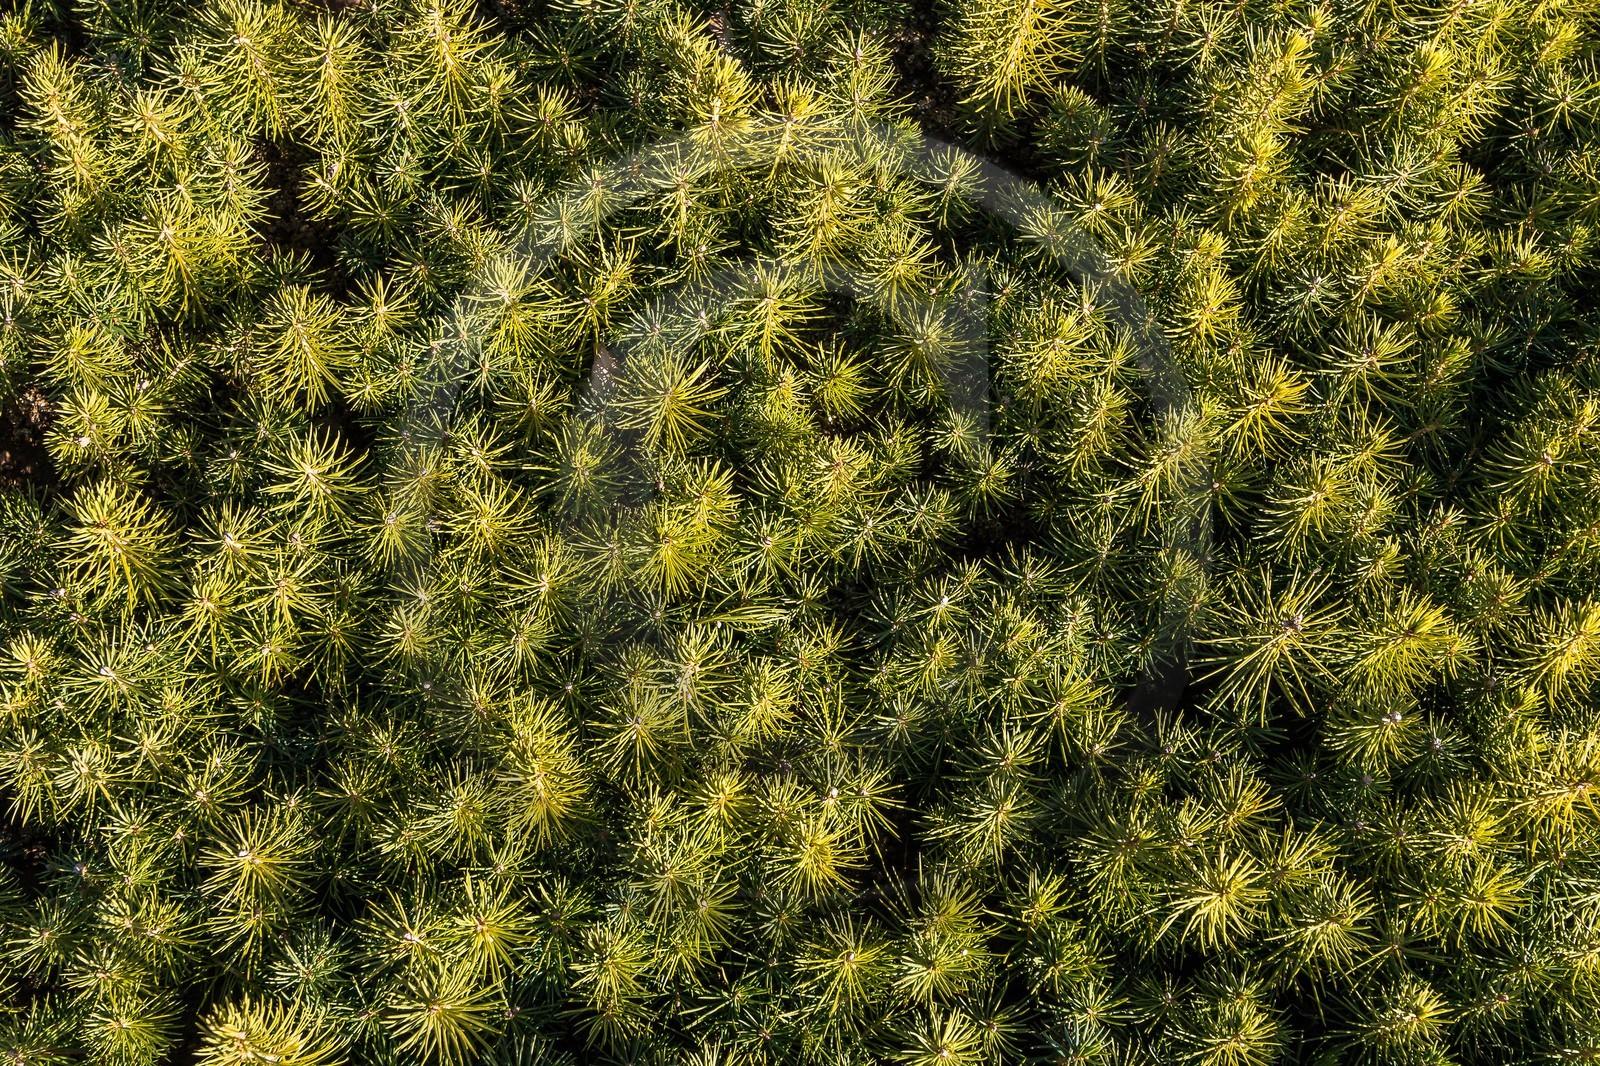 P pini re robin producteur de sapin de no l semis sapin nordmann abies nordmanniana - Sapin de noel nordmann ...